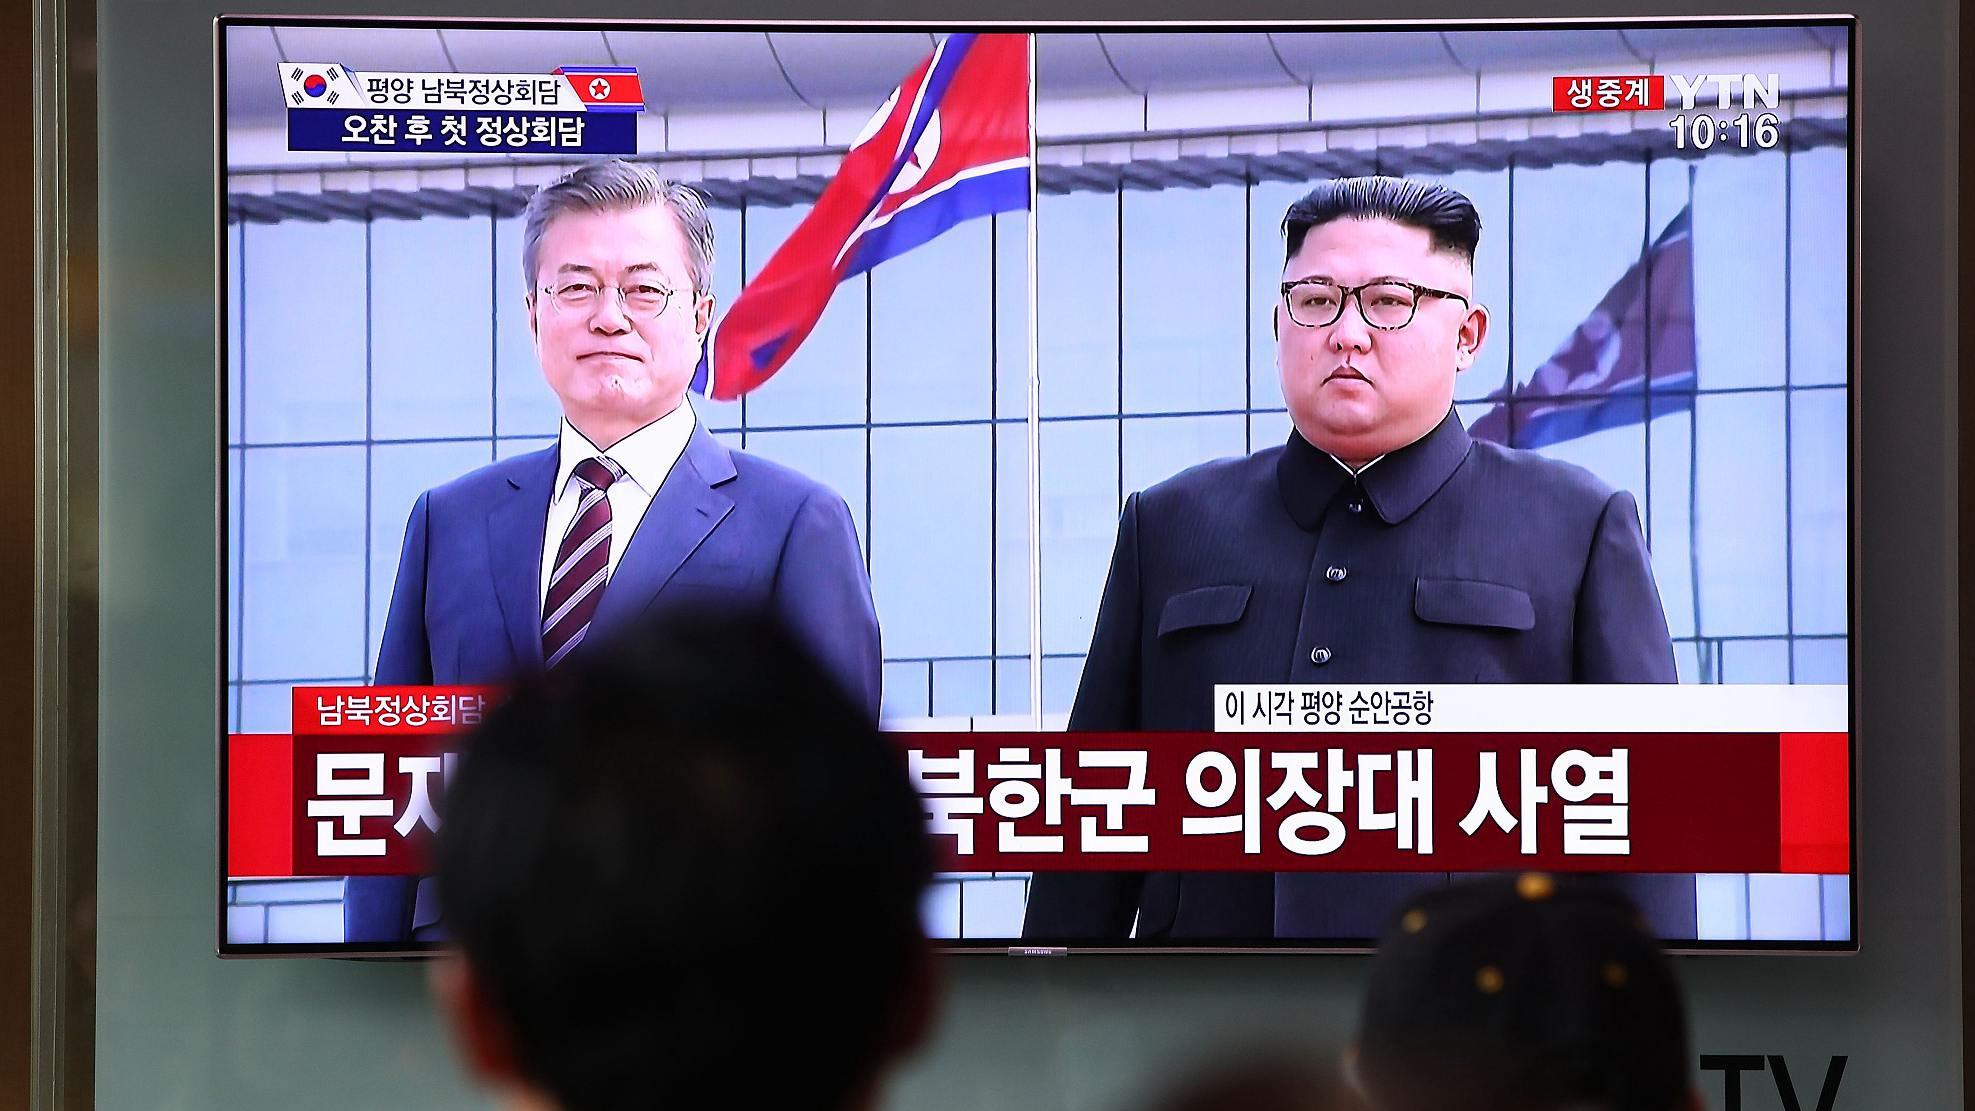 S. KOREA-DPRK CGTN.jpg